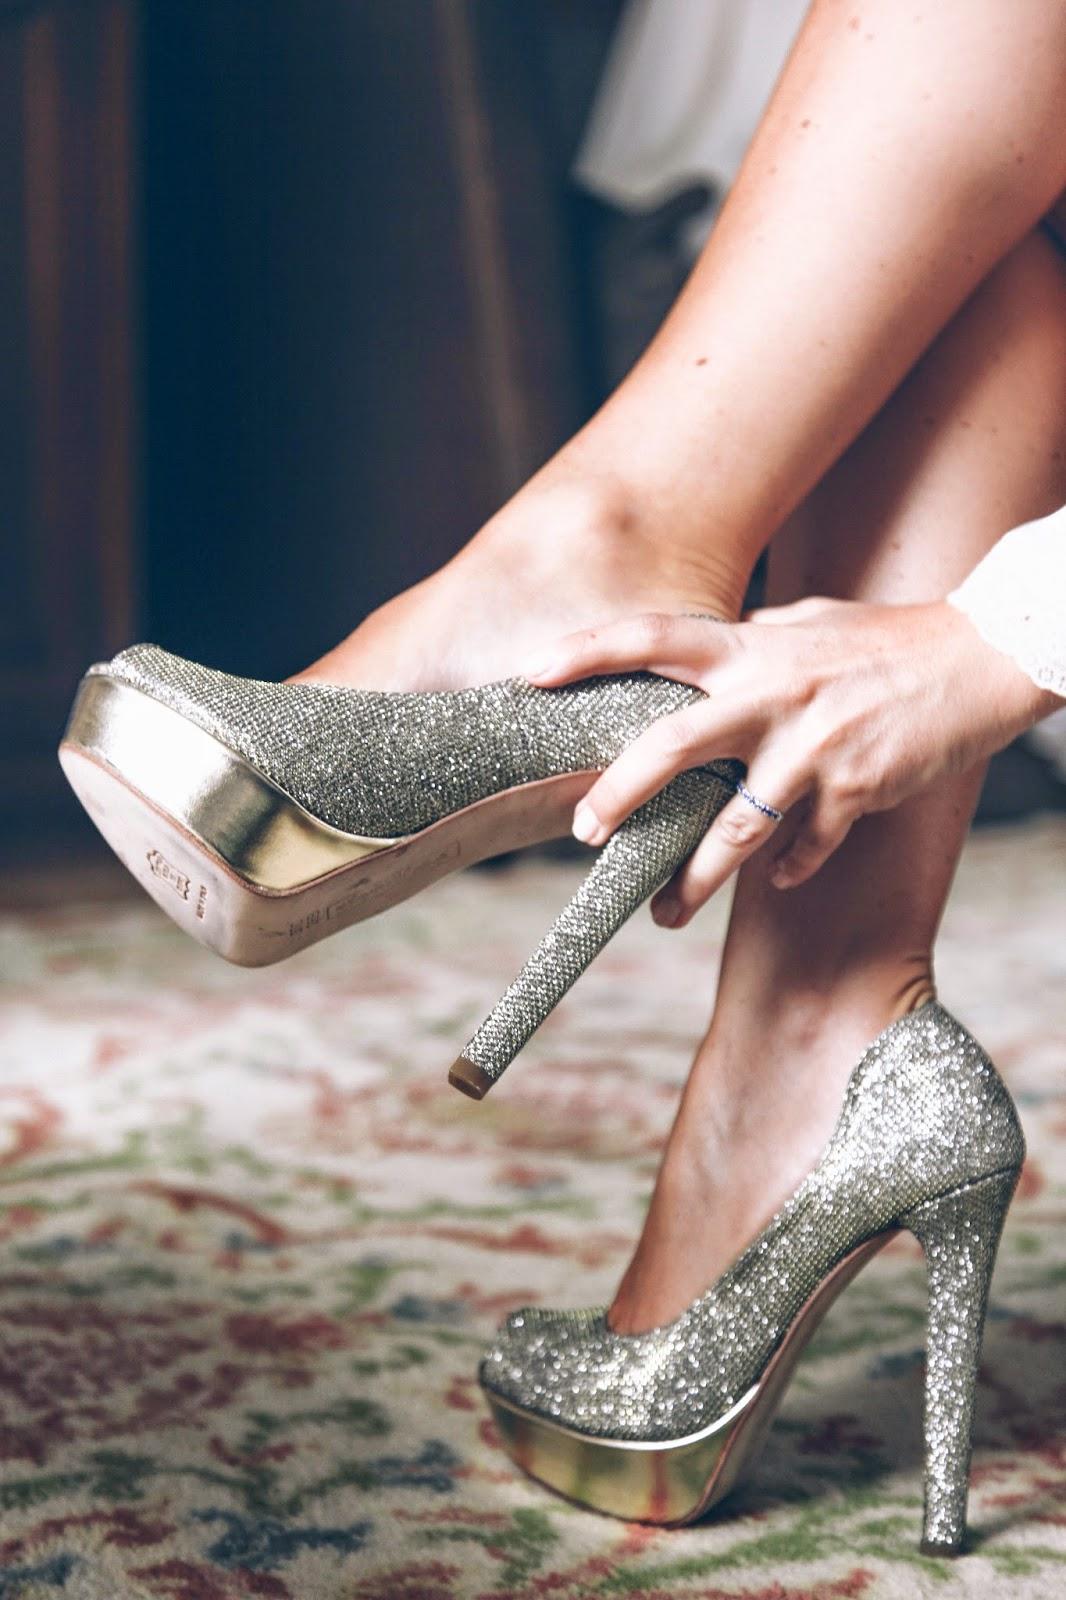 Zapatos de punta La tendencia del 2016 [FOTOS] Ella Hoy - fotos de modelos de zapatos